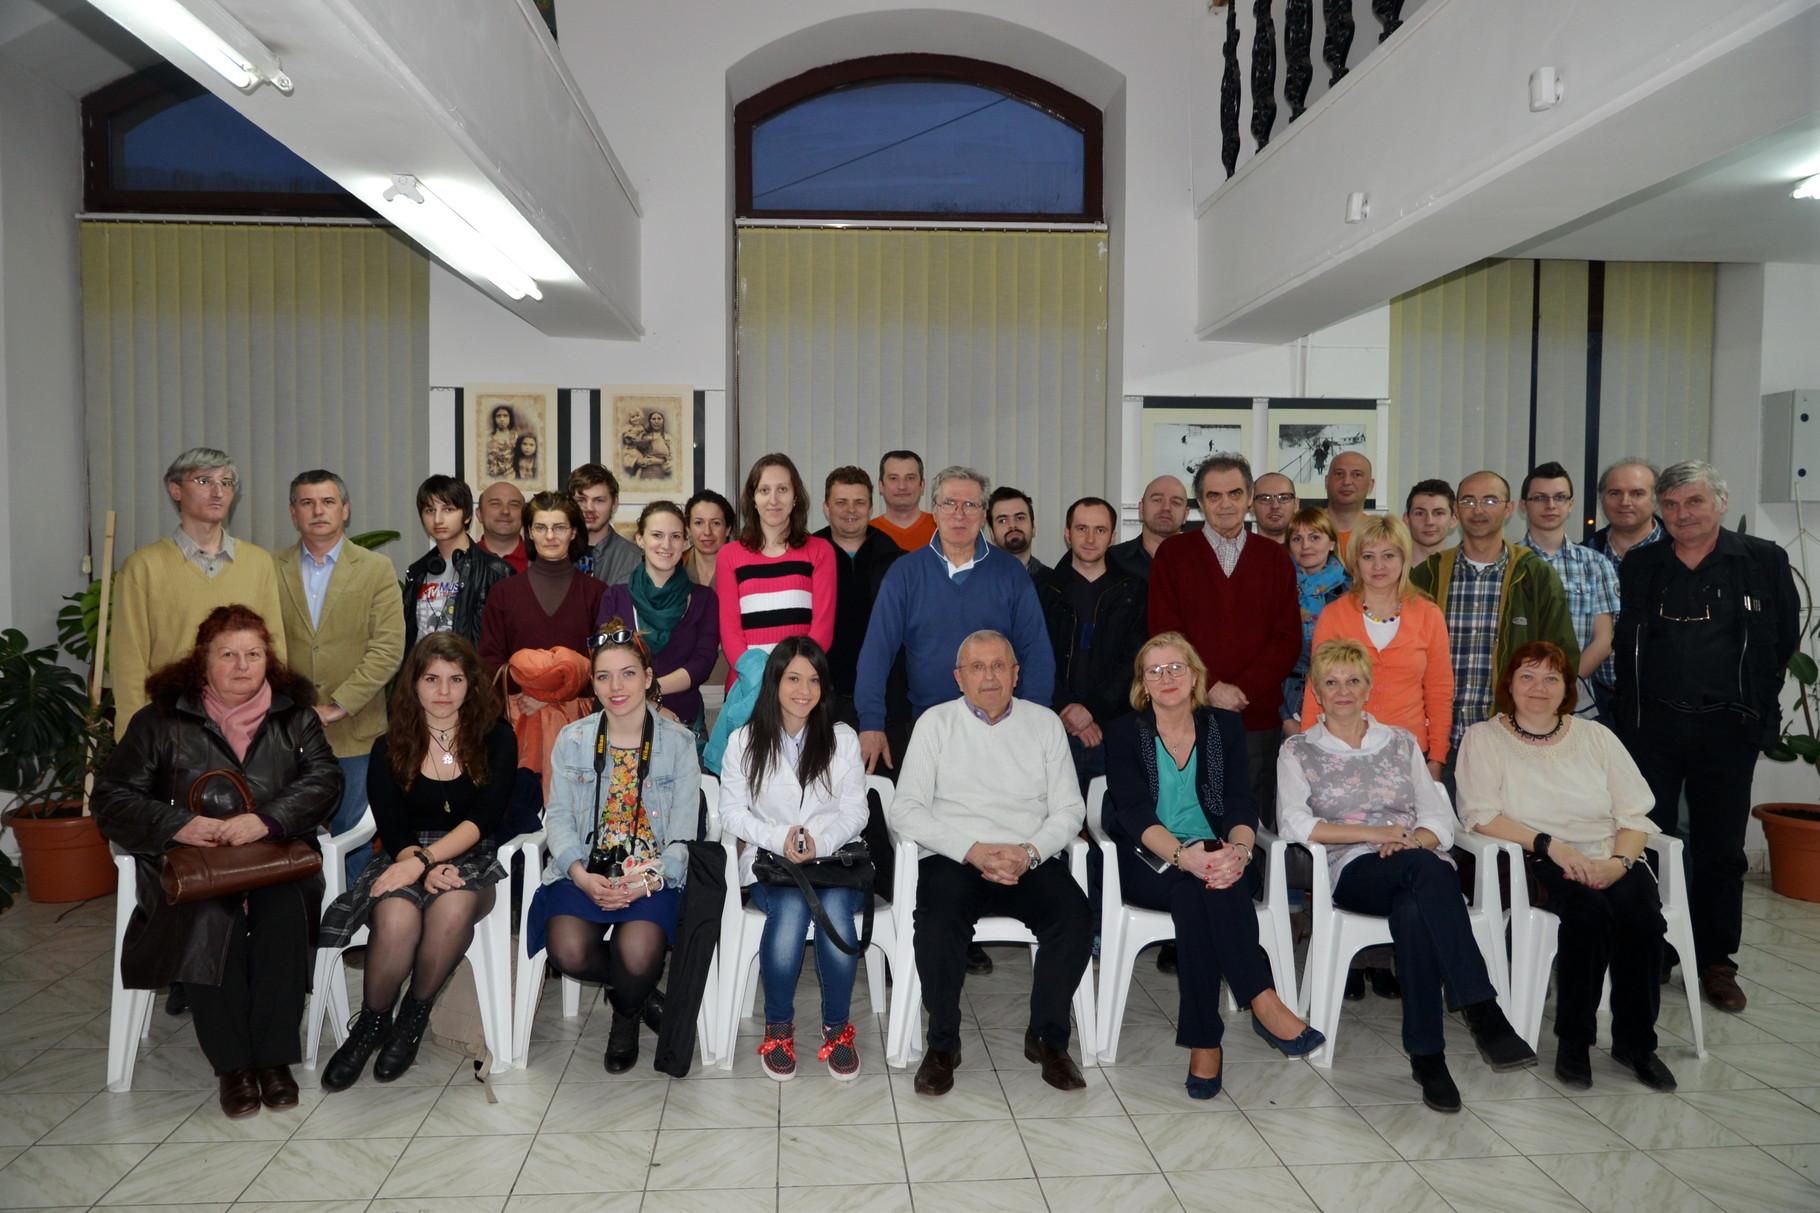 25.03.2014 - Oradea (RO)